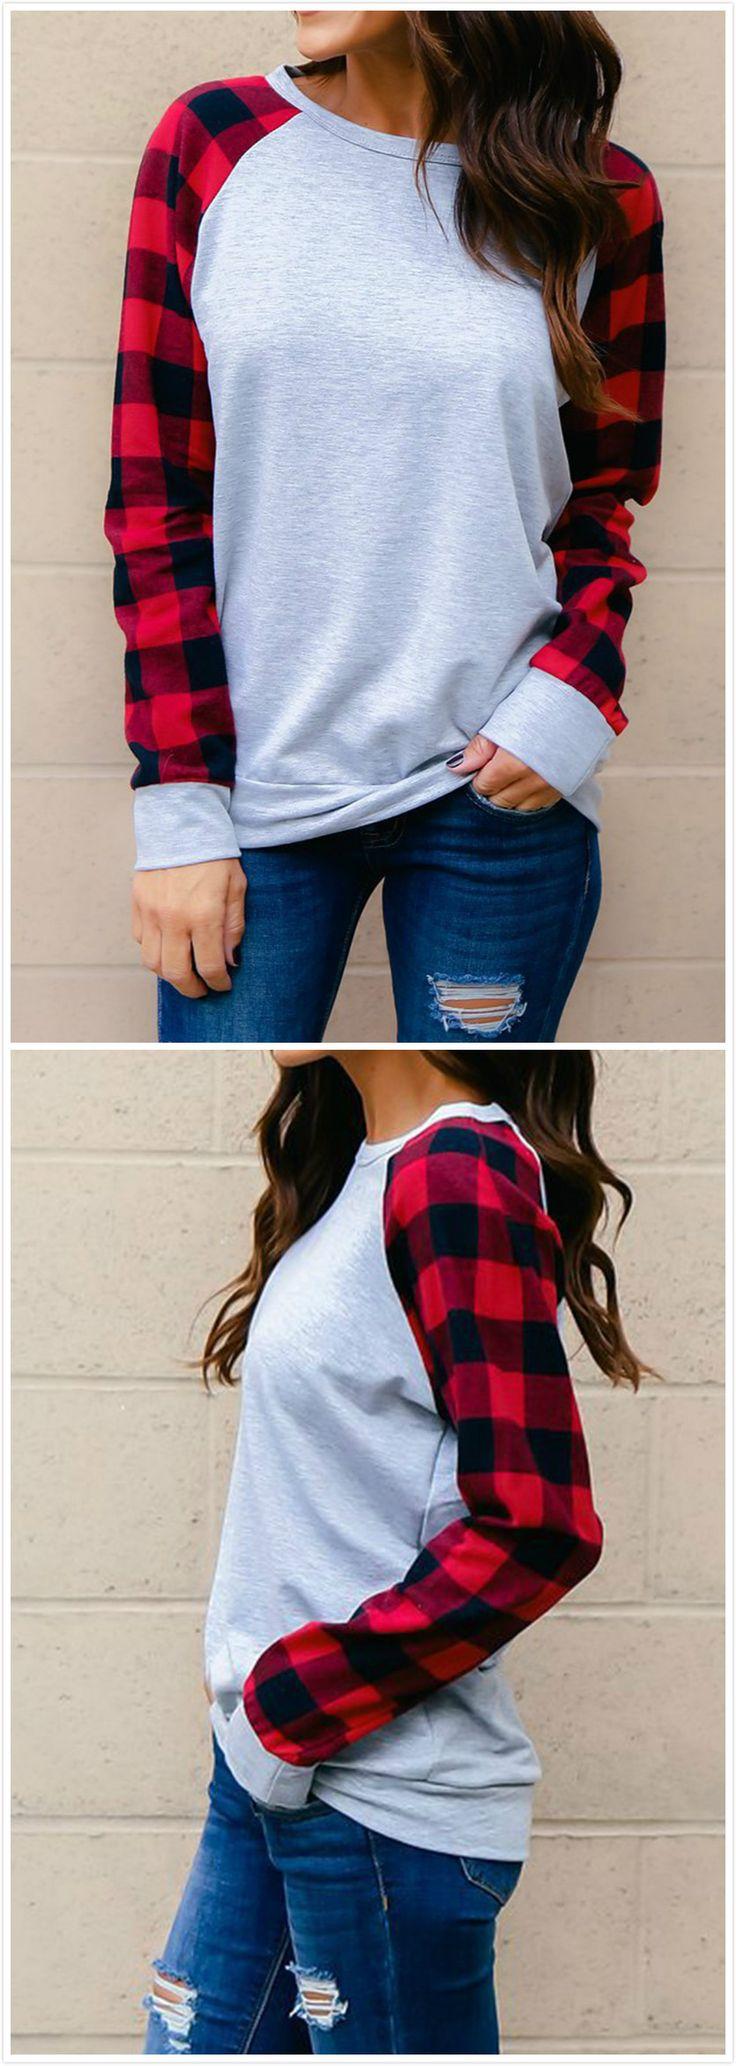 Red black plaid / buffalo check sleeves on grey sweatshirt